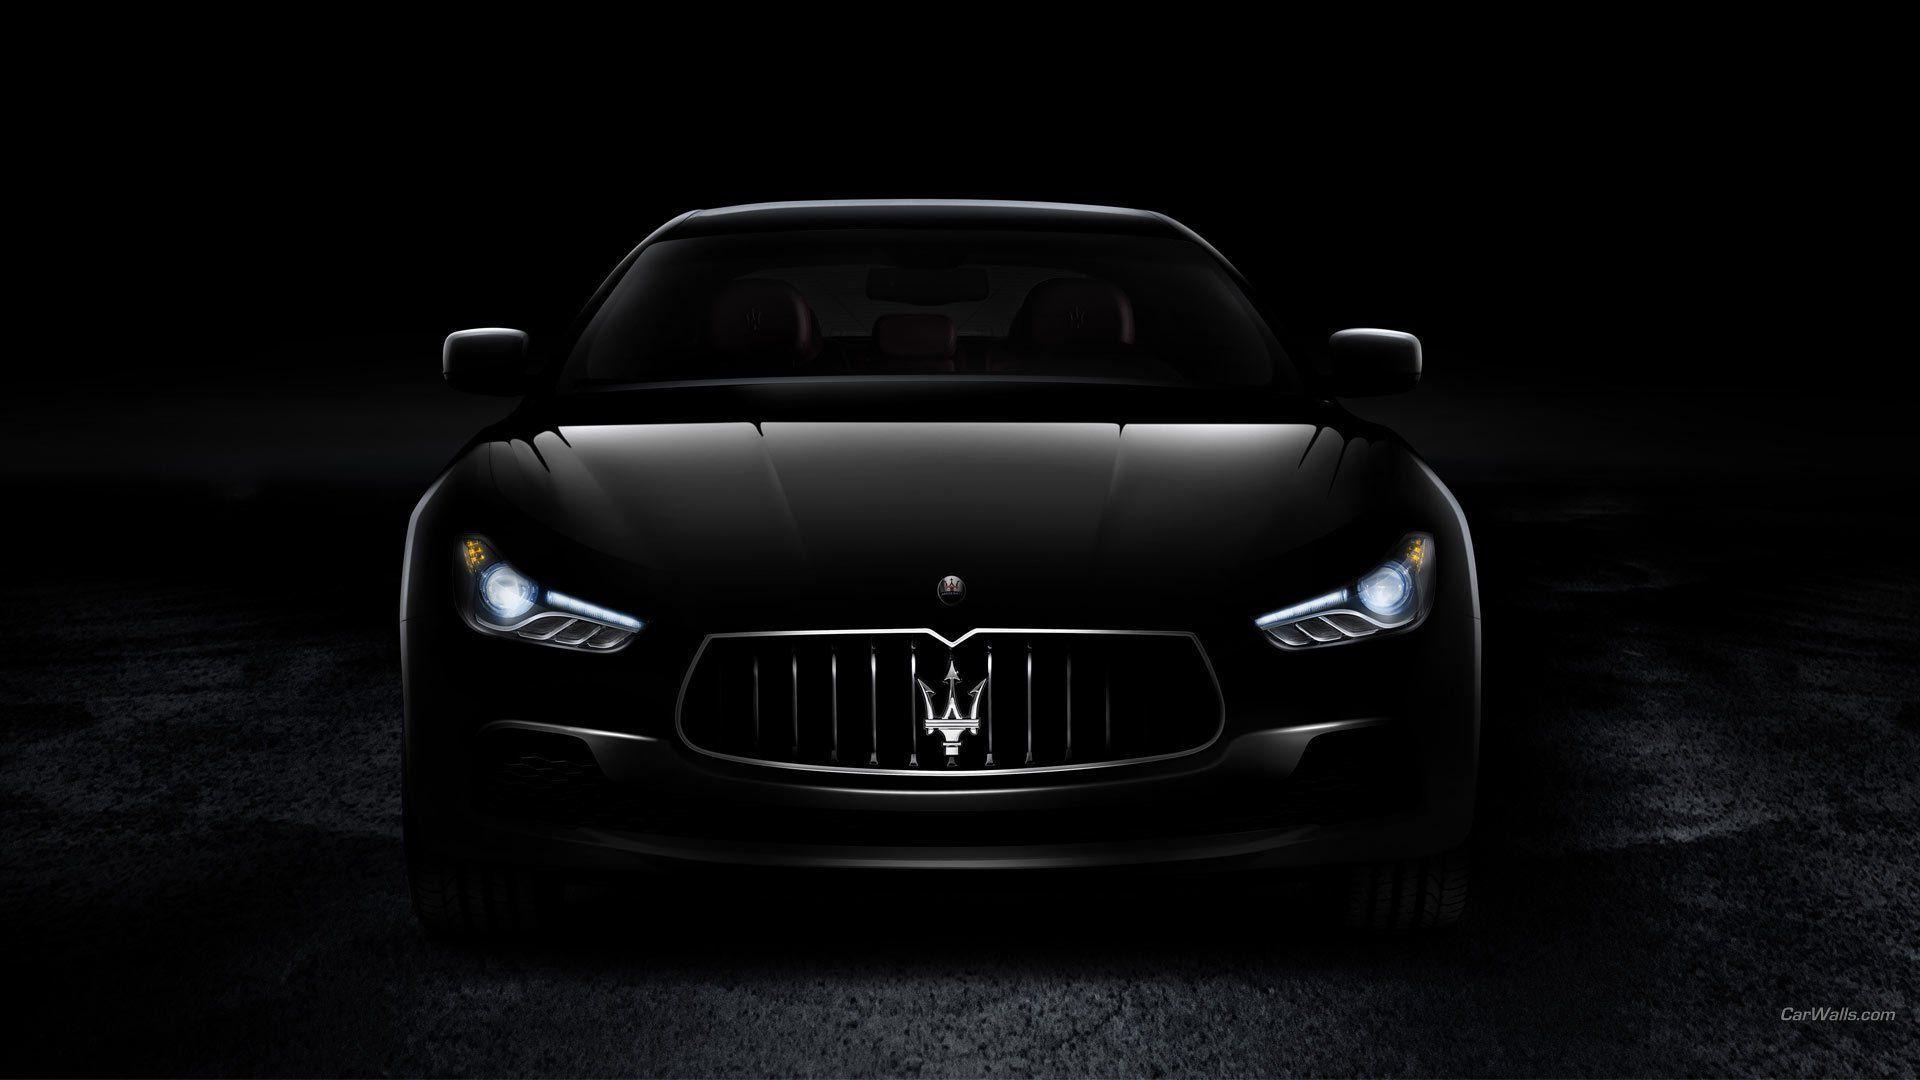 Maserati Wallpapers - Top Free Maserati Backgrounds - WallpaperAccess